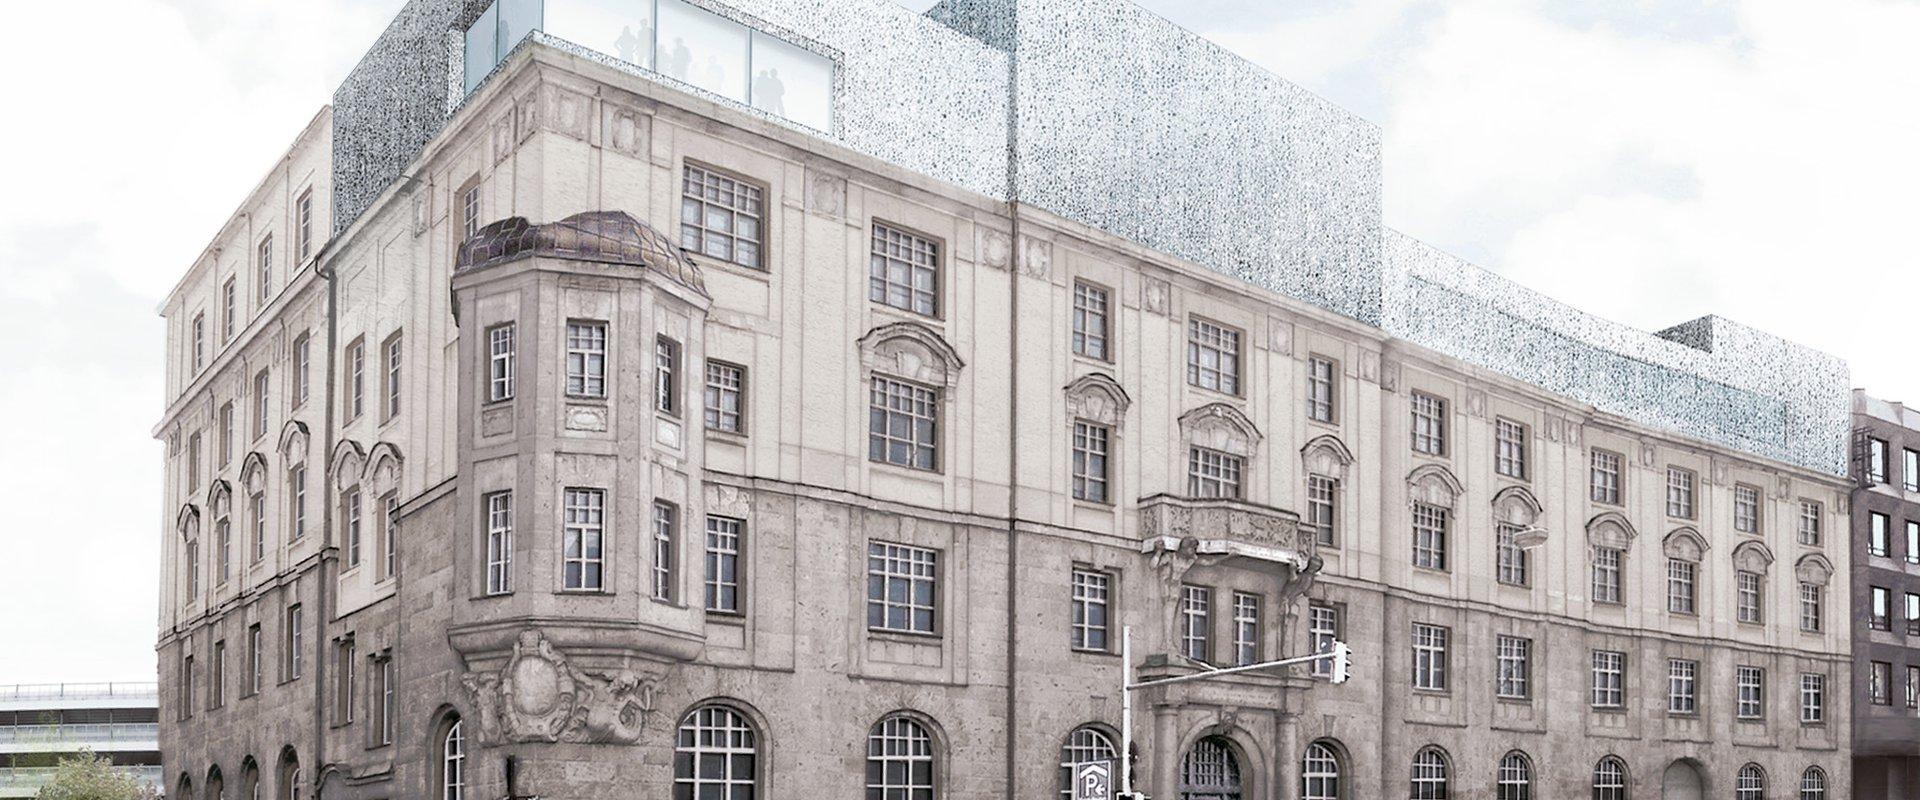 Leopold-Mozart-Zentrum